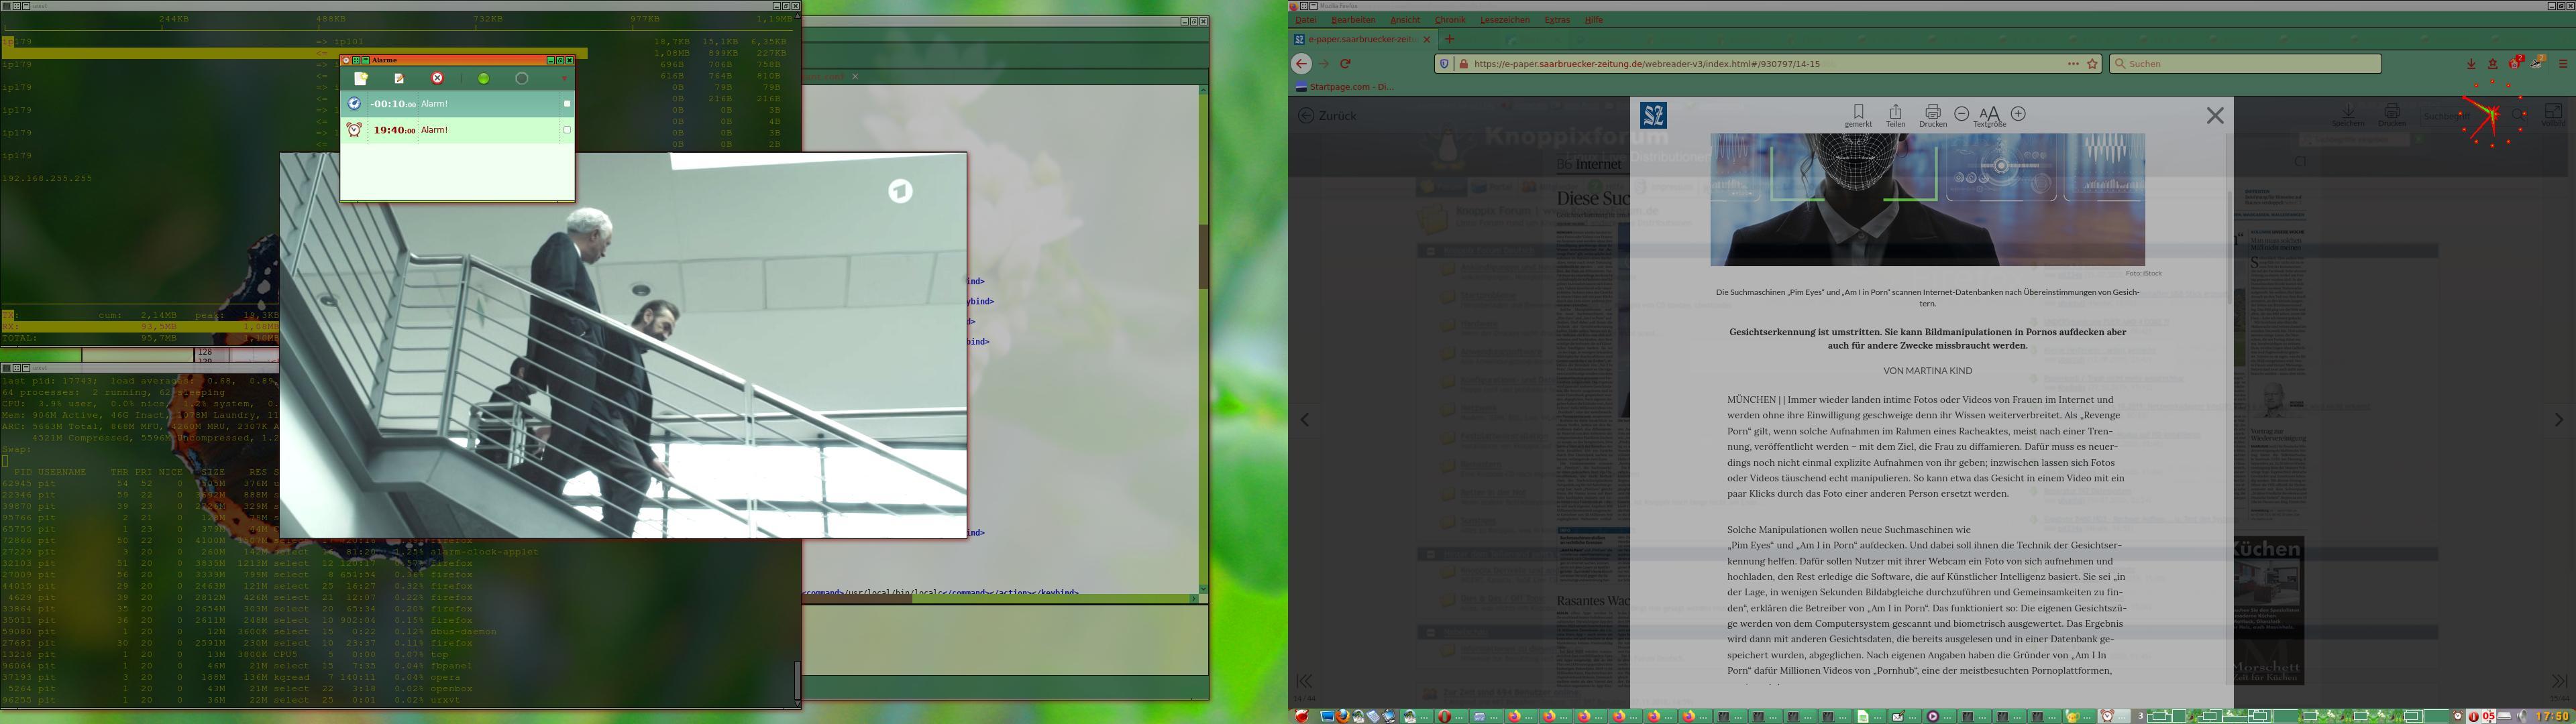 screenshot-2020.09.05-175038.jpg